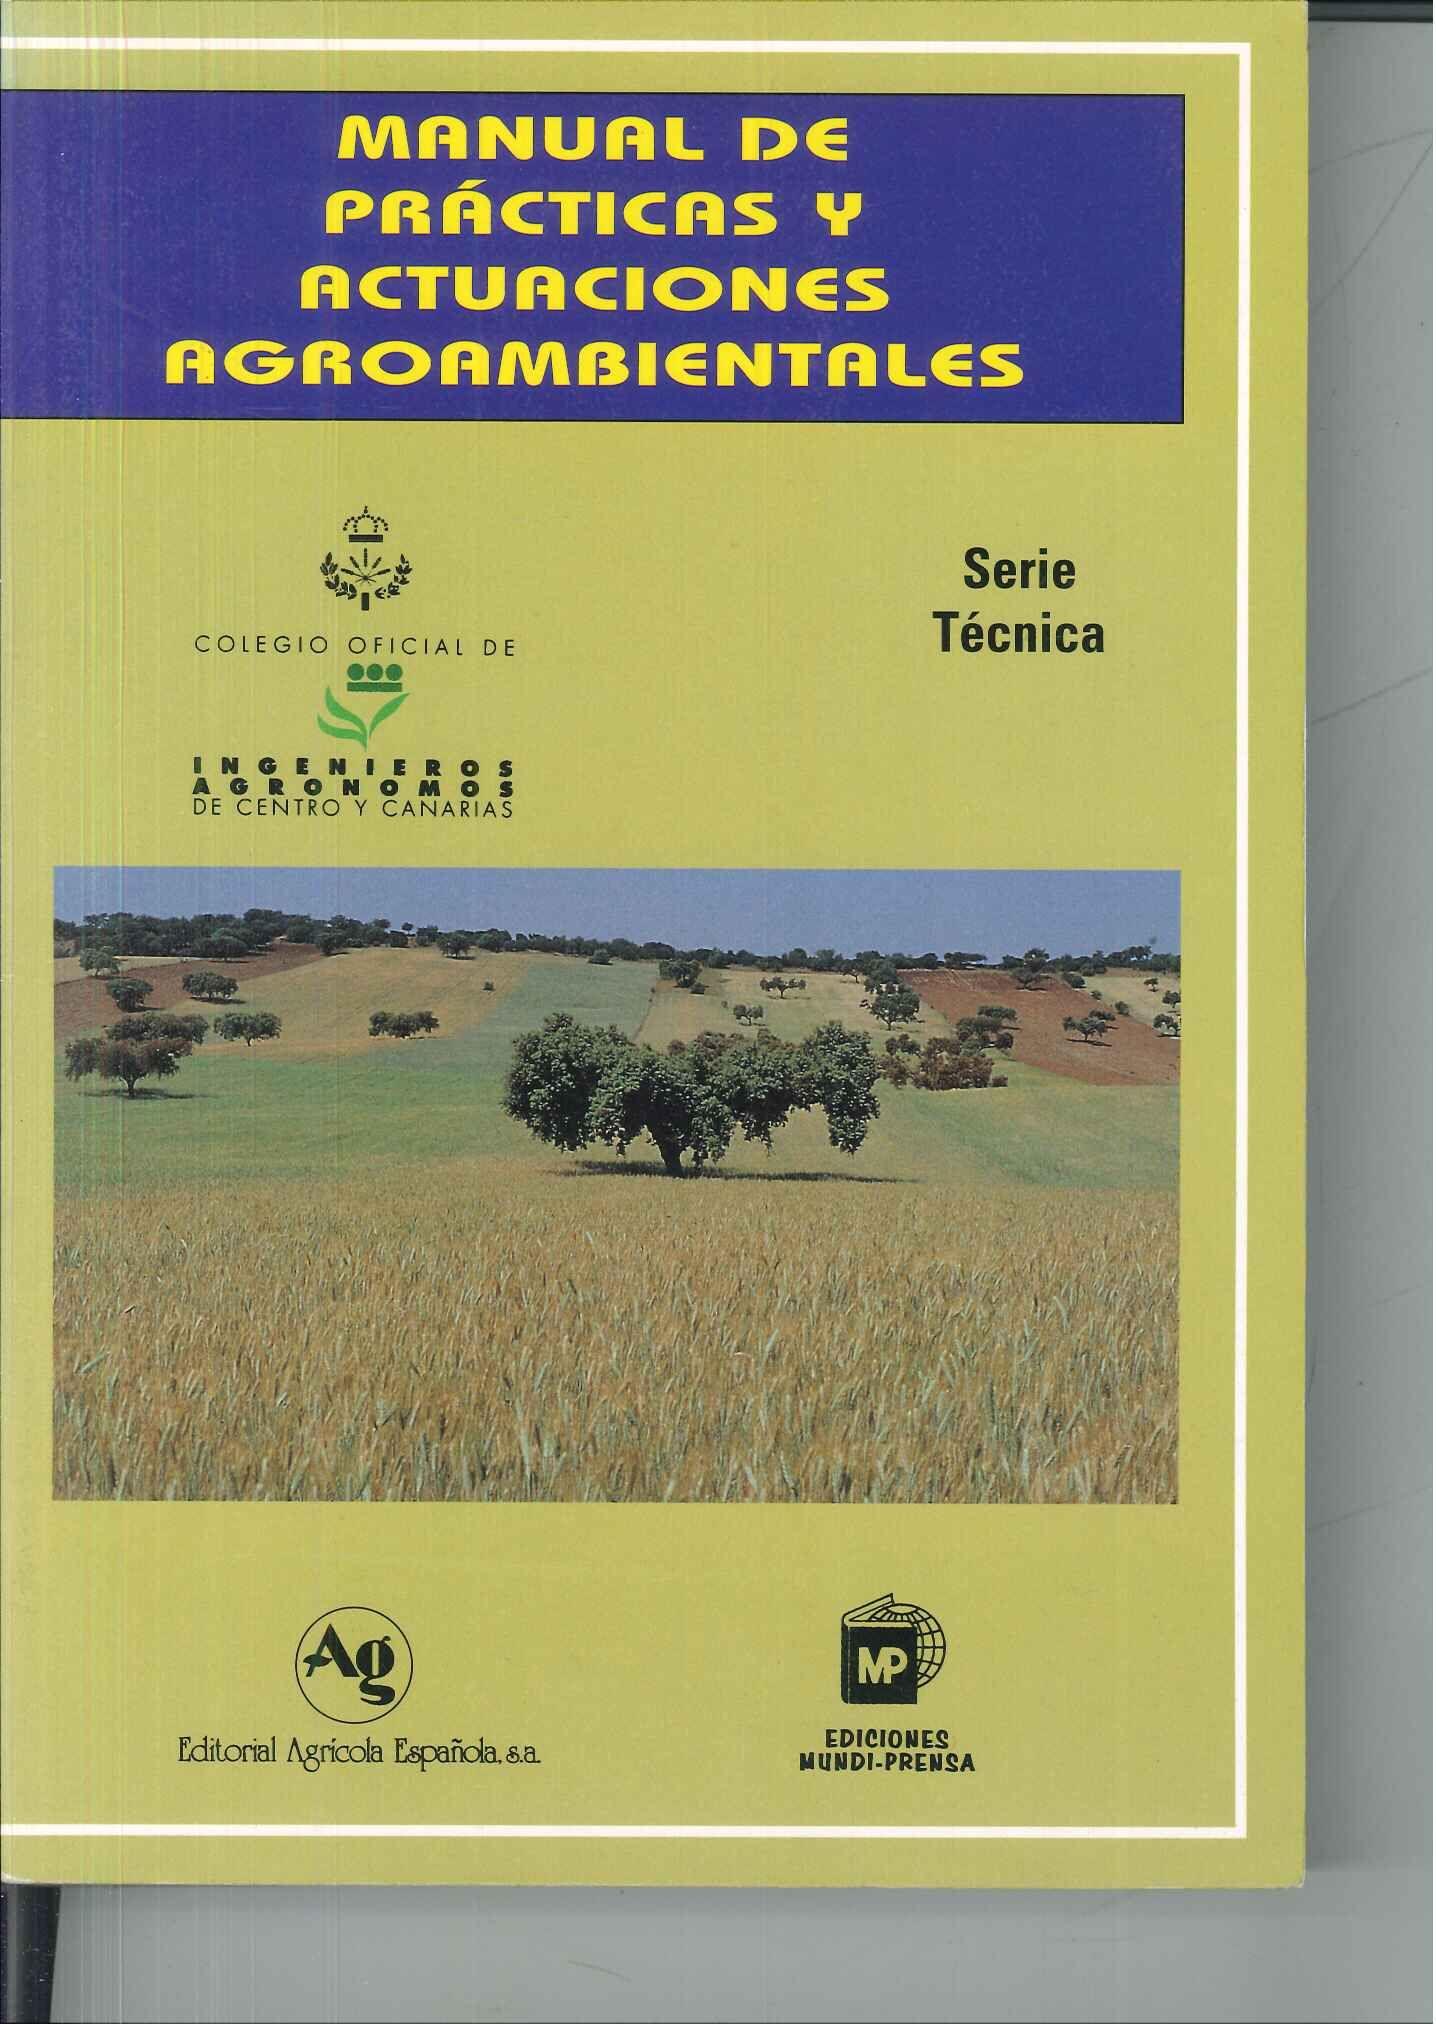 Manual De Practicas Y Actuaciones Agroambientales Centro Oficial De Ingenieros Agronomos De Centro Y Canarias 1996 Ingeniera Agronoma Ingeniero Actuacion